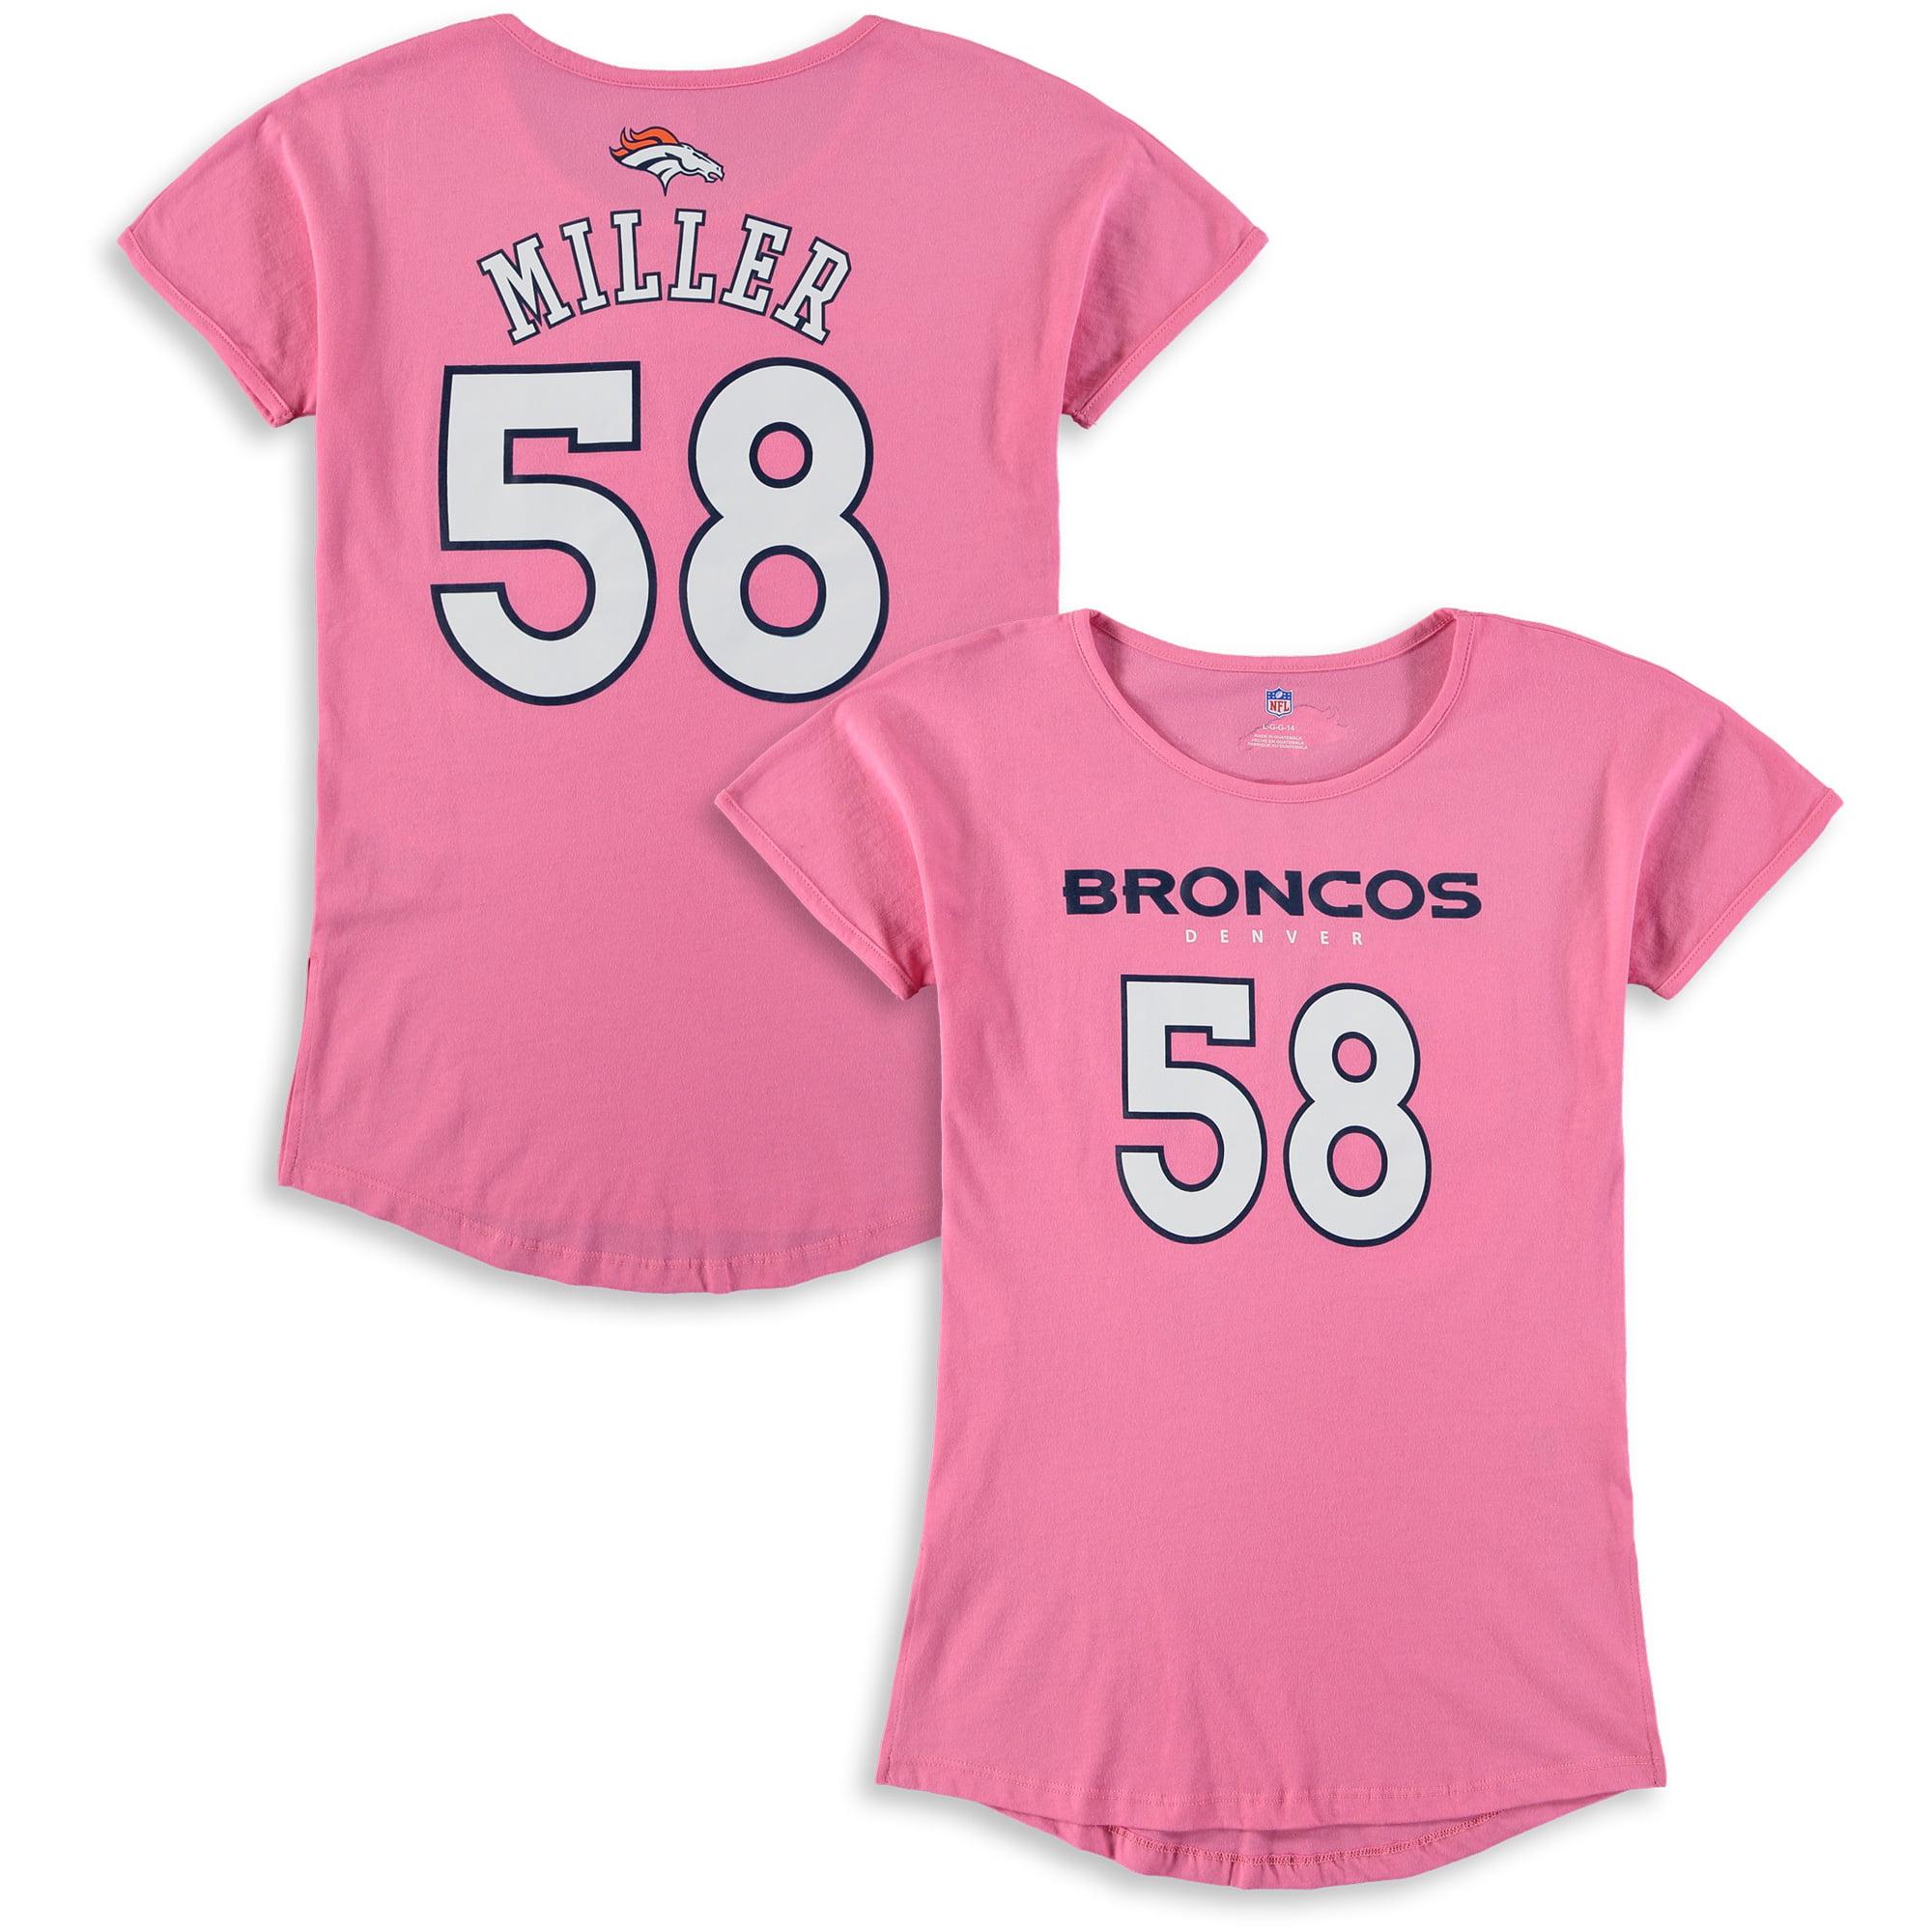 Von Miller Denver Broncos Girls Youth Dolman Mainliner Name & Number T-Shirt - Pink